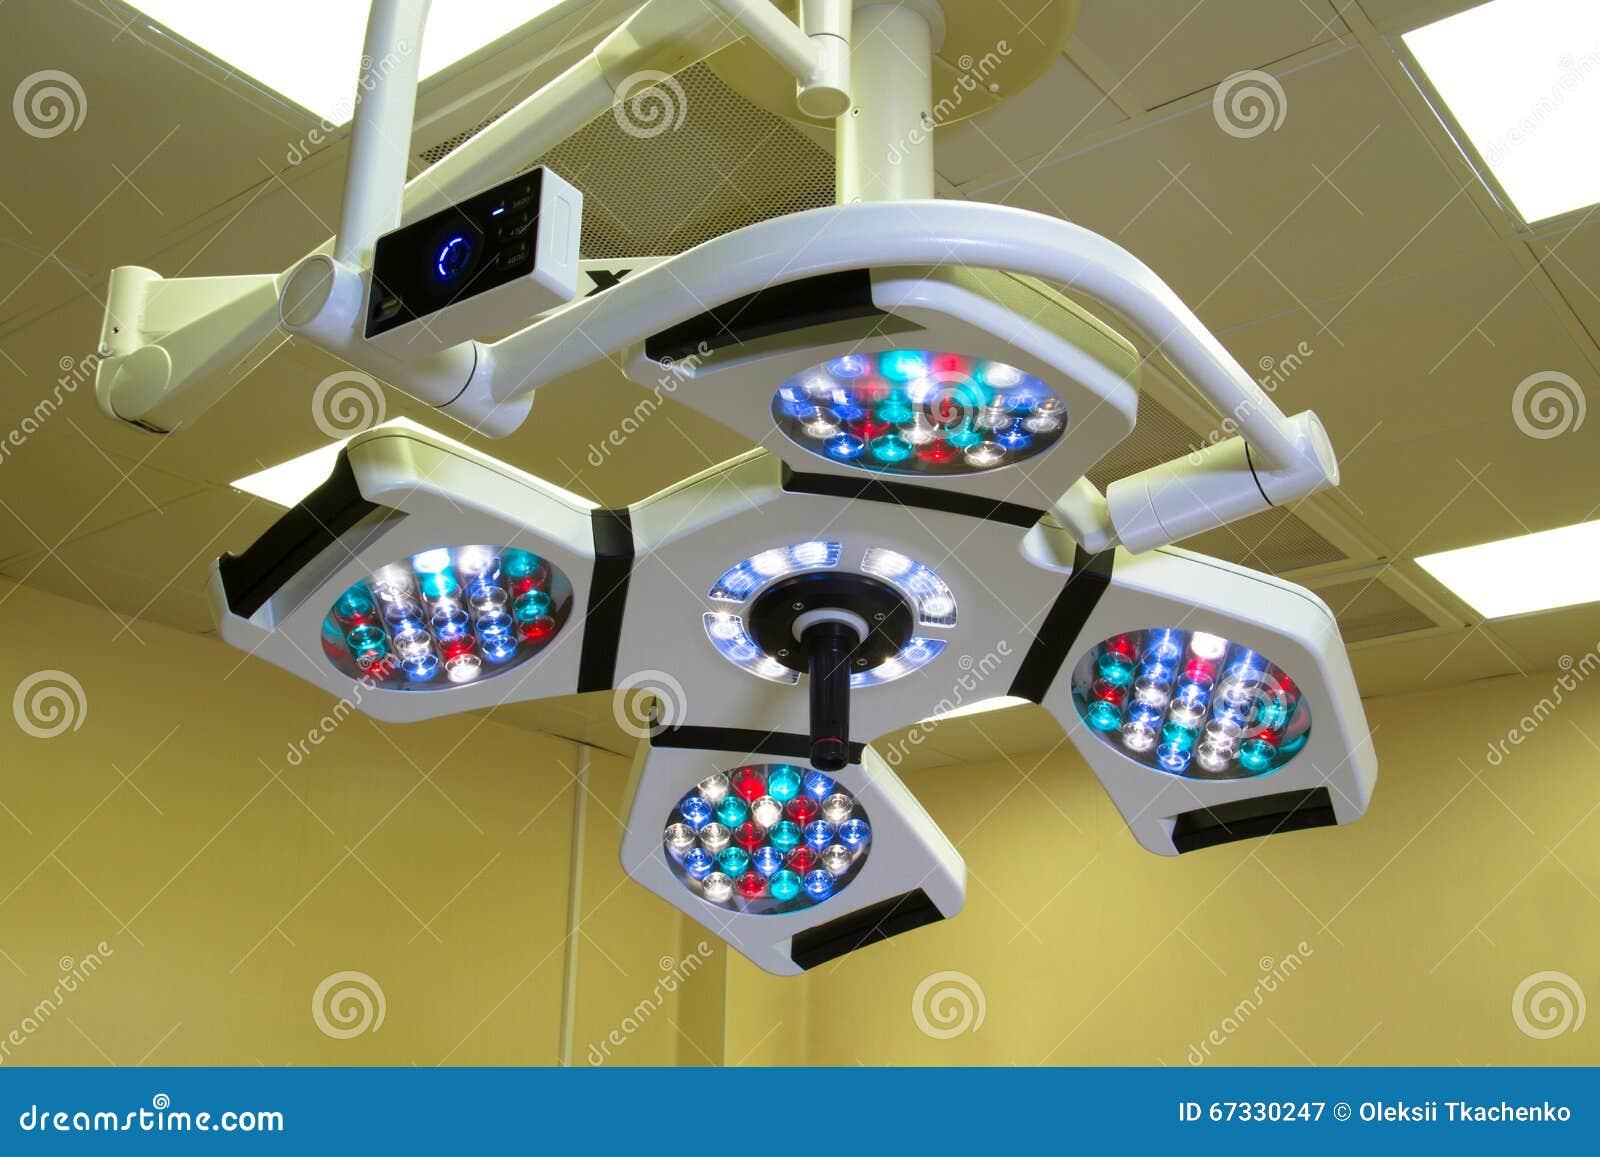 Plafoniere Per Sala Operatoria : Lampada del led nella sala operatoria immagine stock